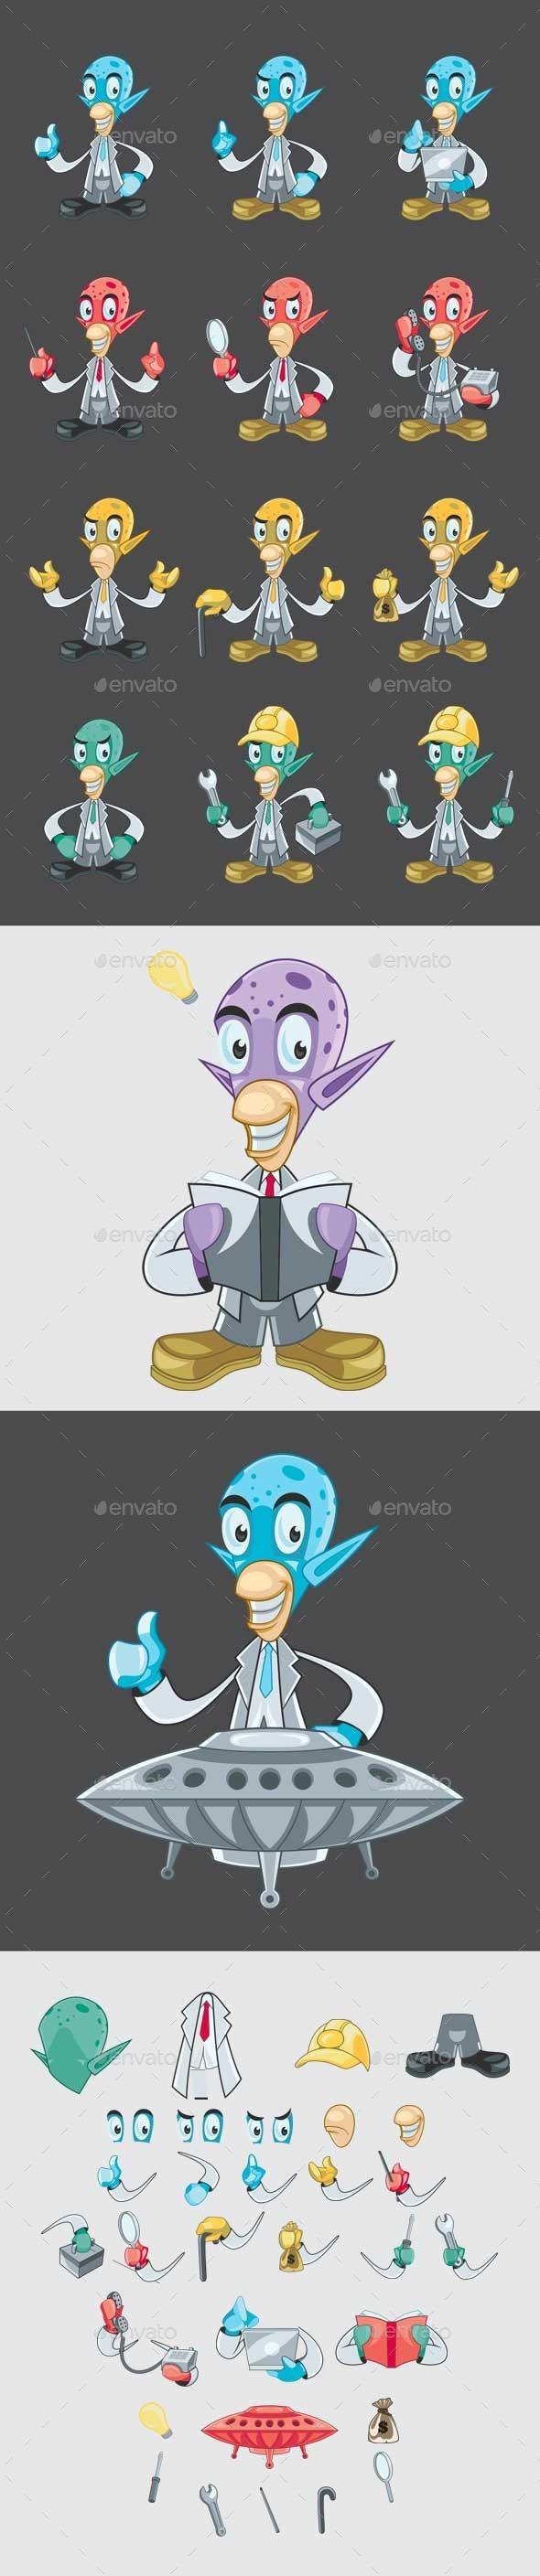 GraphicRiver Alien Mascot 10600824